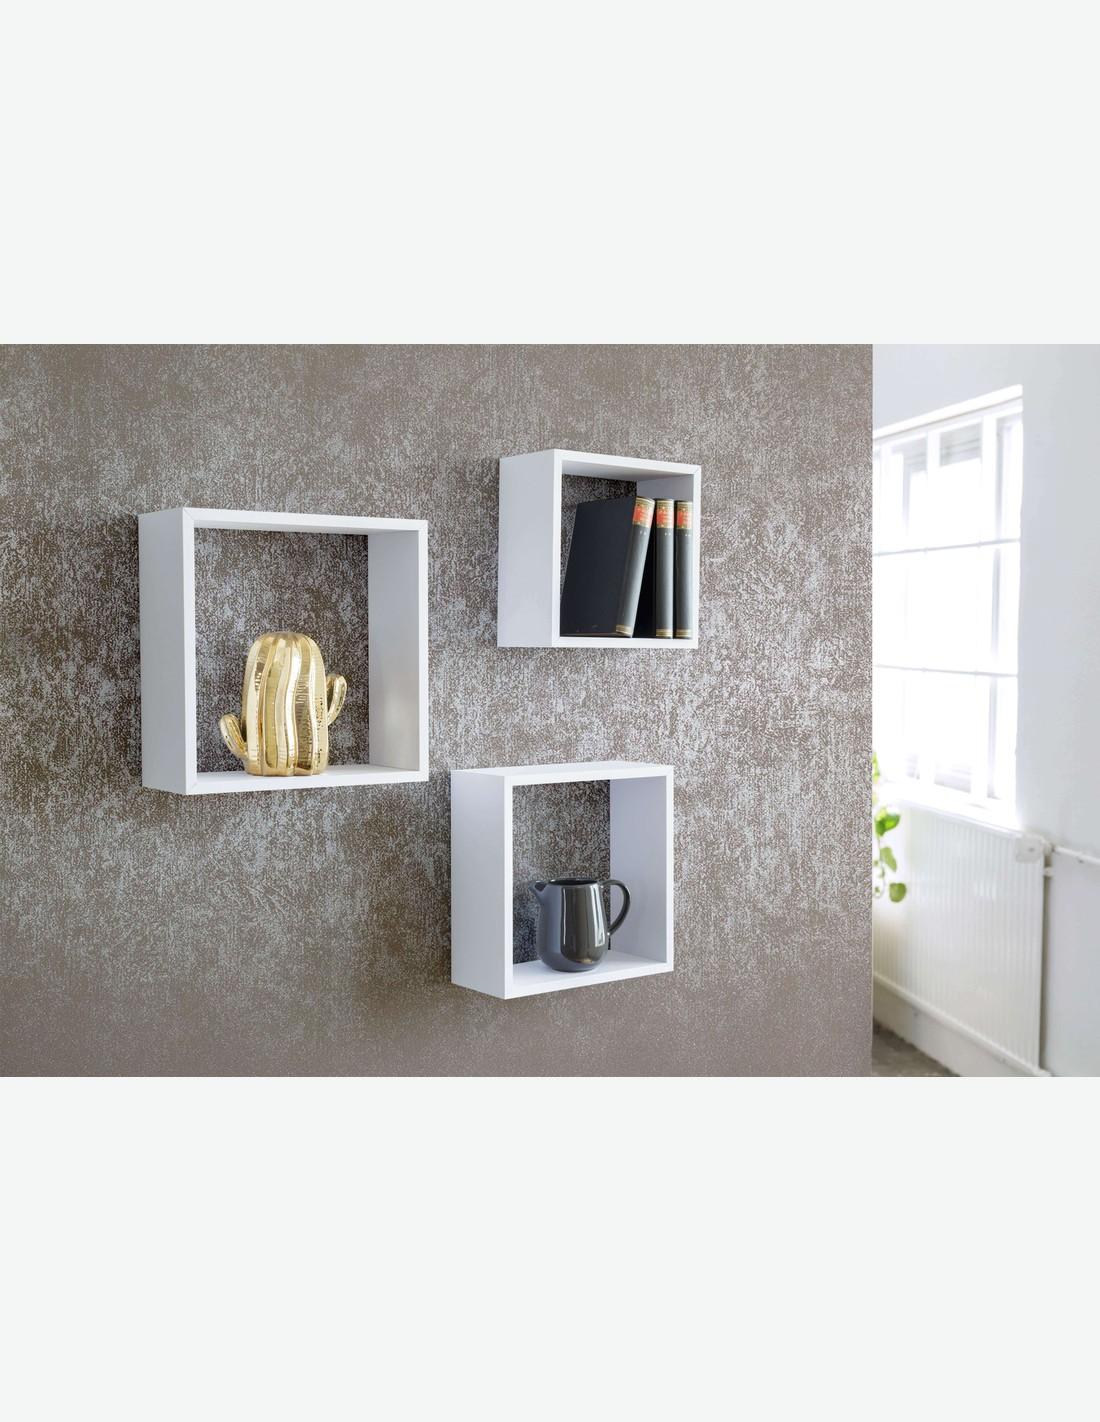 Cera avantishop for Wand und deckenleuchten set